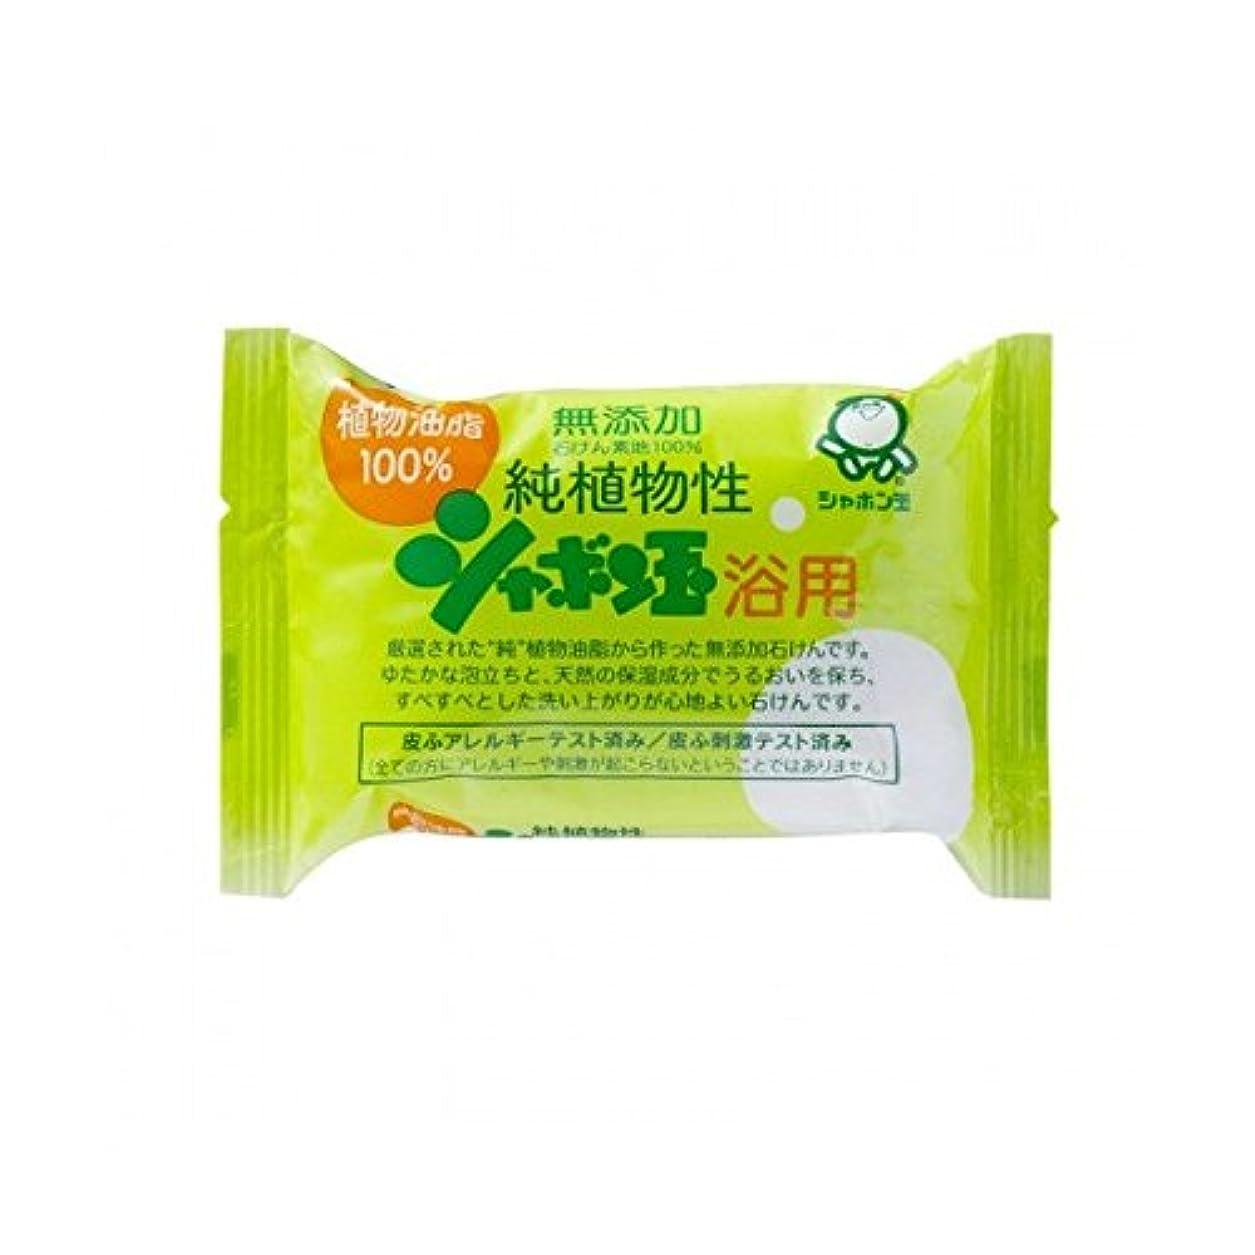 タイプ実質的に倍率シャボン玉石けん シャボン玉 純植物性 浴用 100g(無添加石鹸)×120点セット (4901797003013)